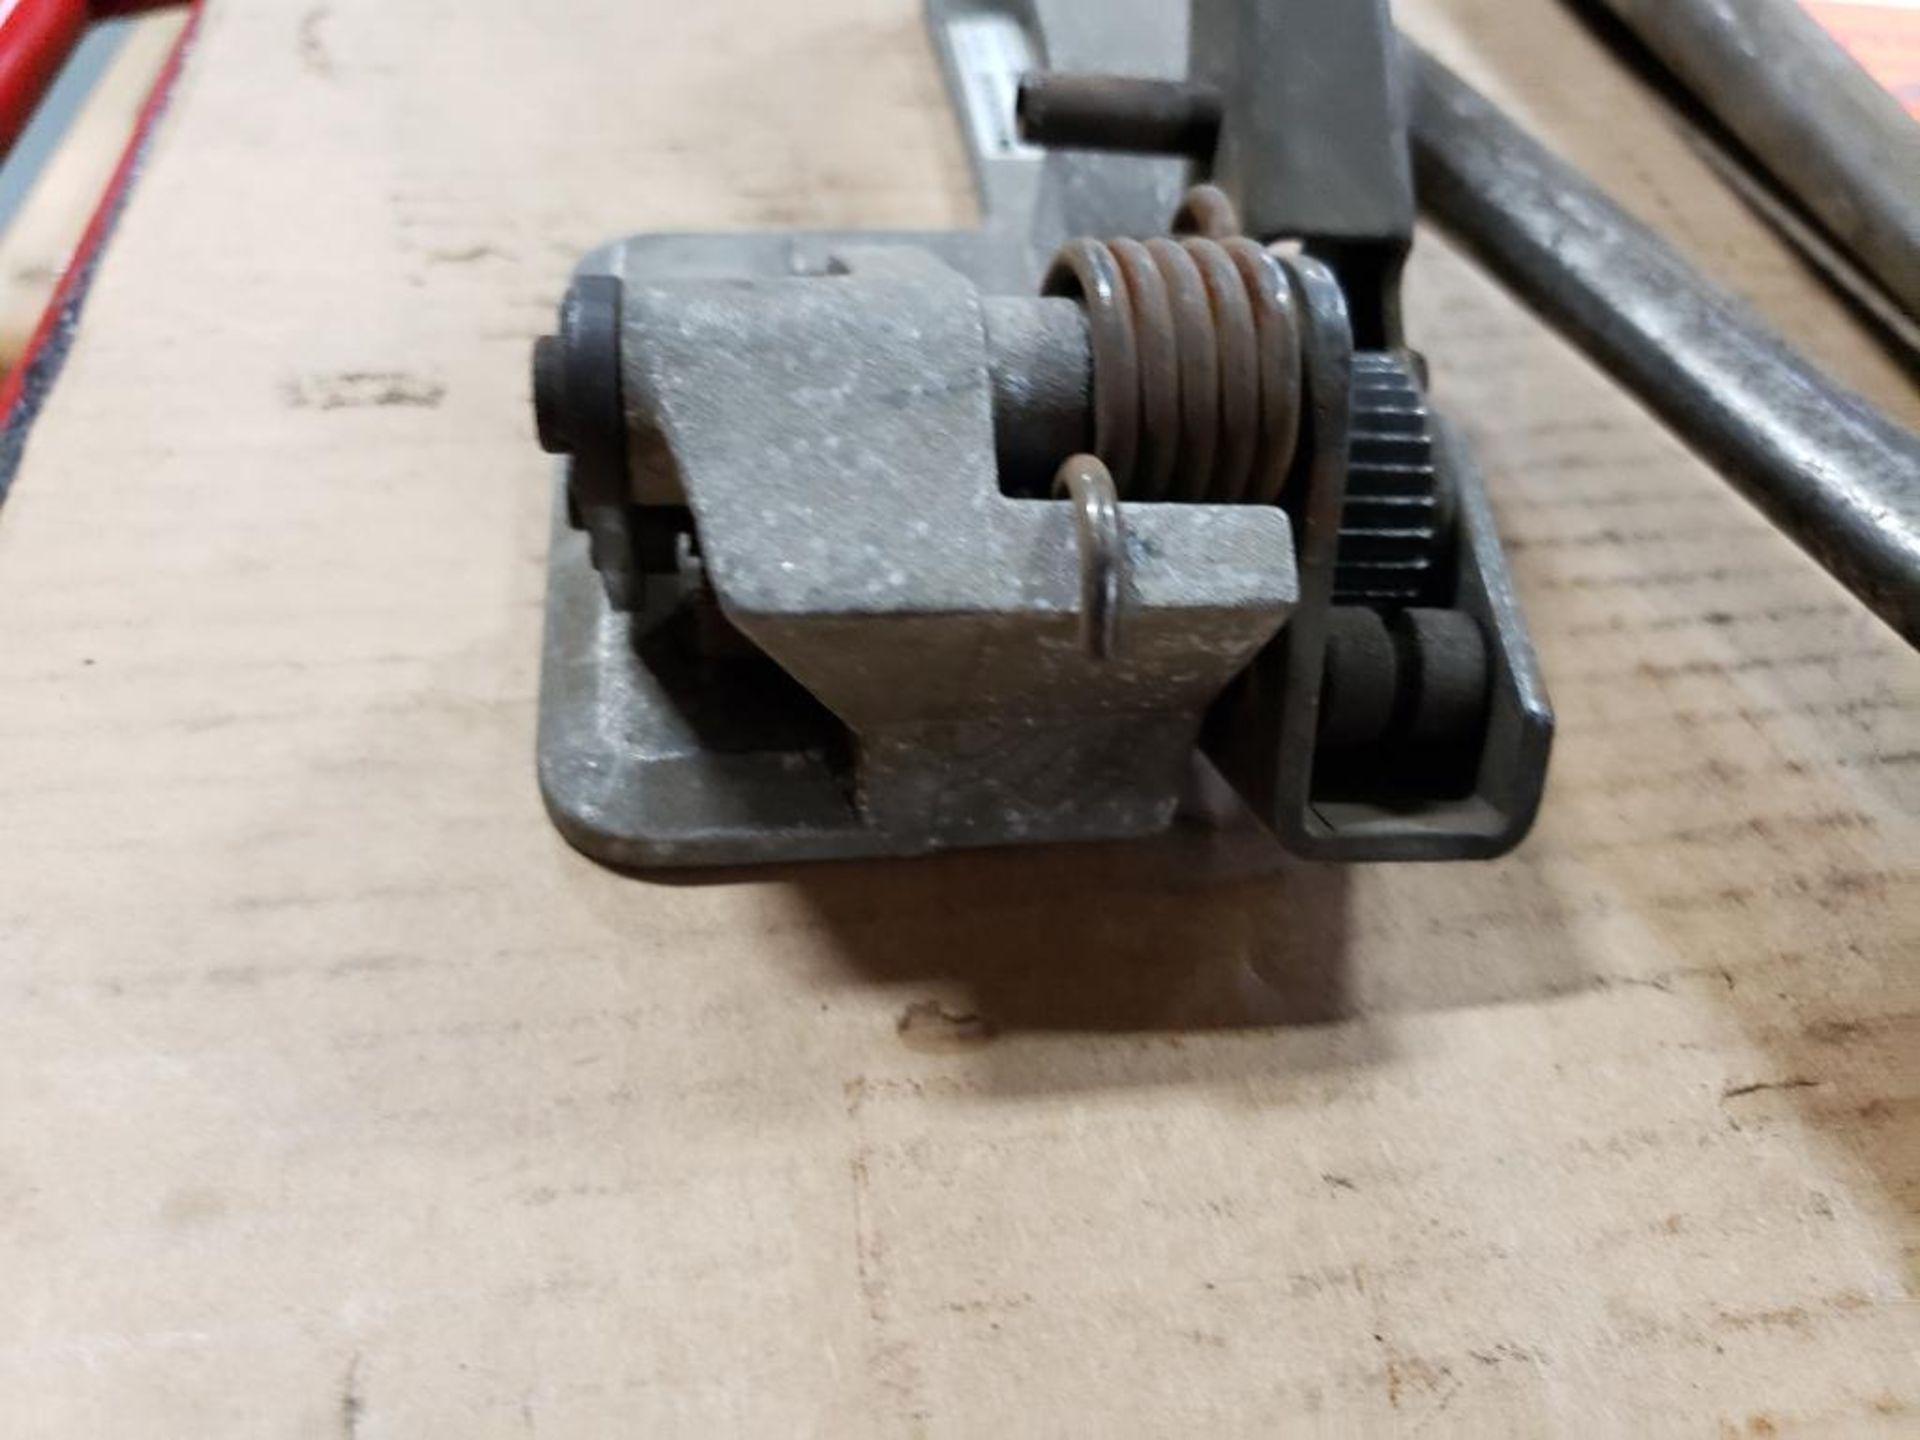 Banding tool set. - Image 4 of 7